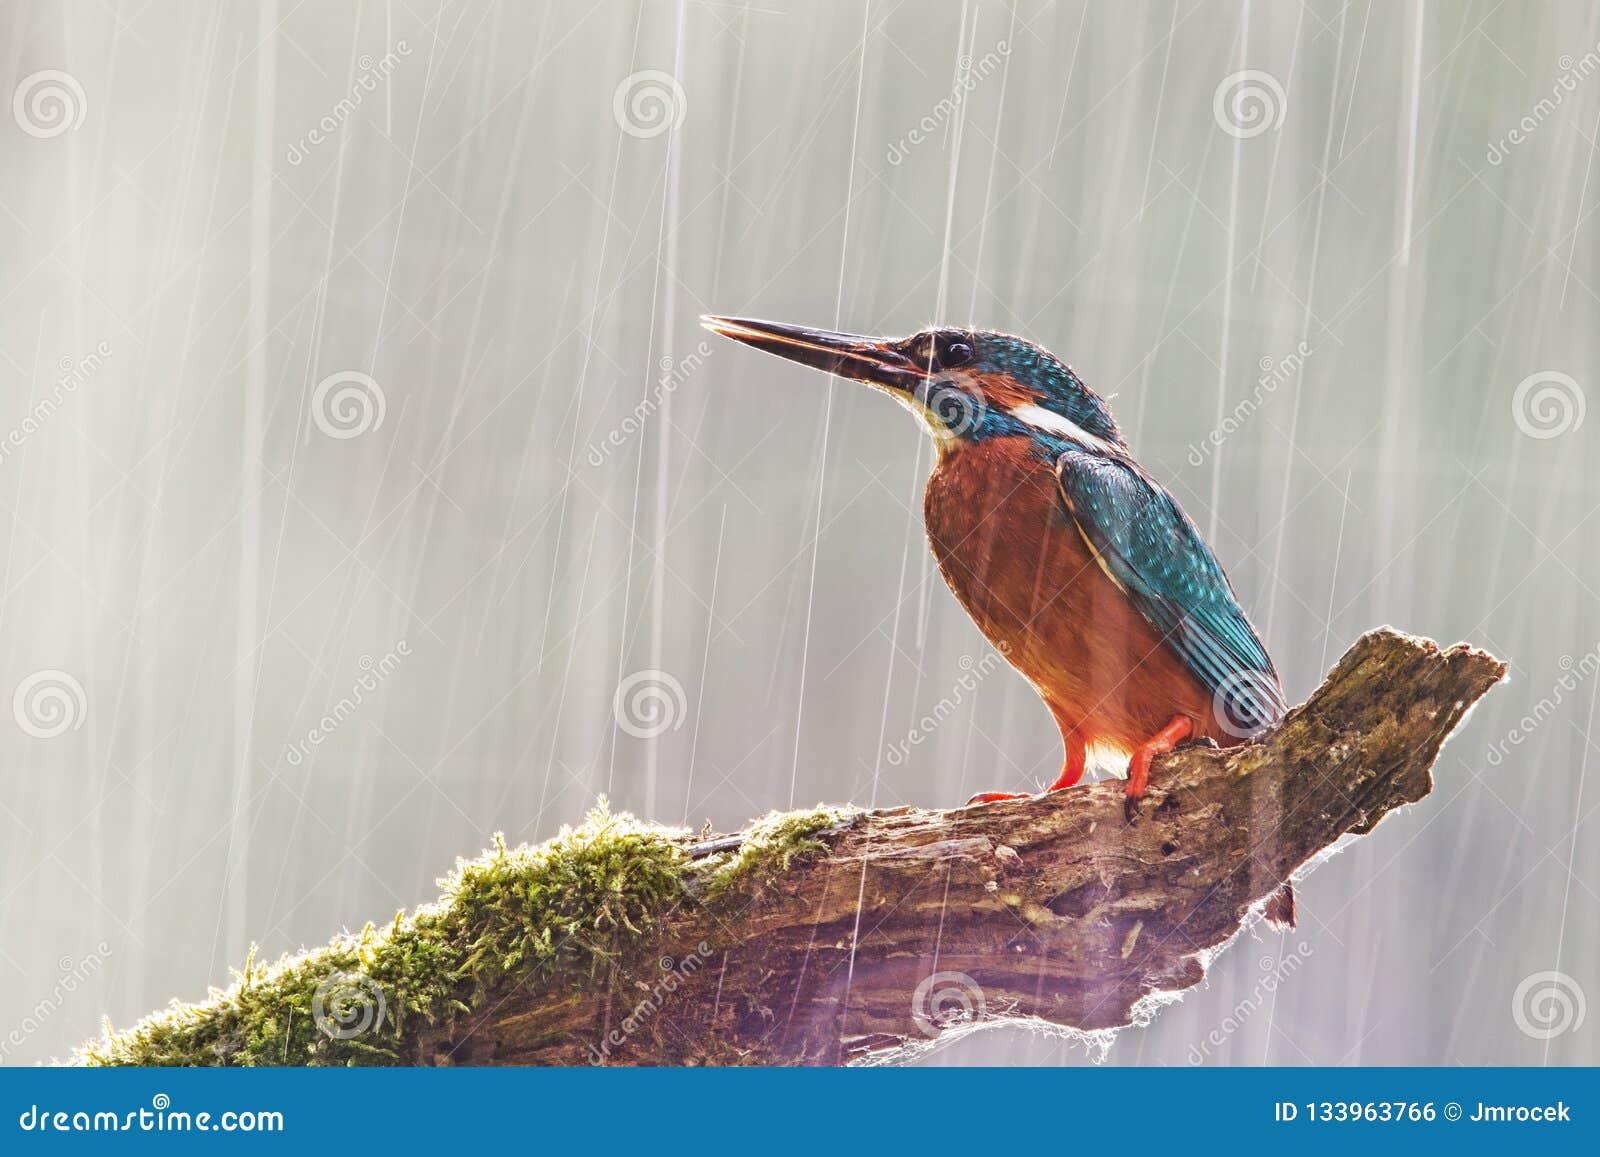 公共同的翠鸟在与发光从后面的太阳的大雨中